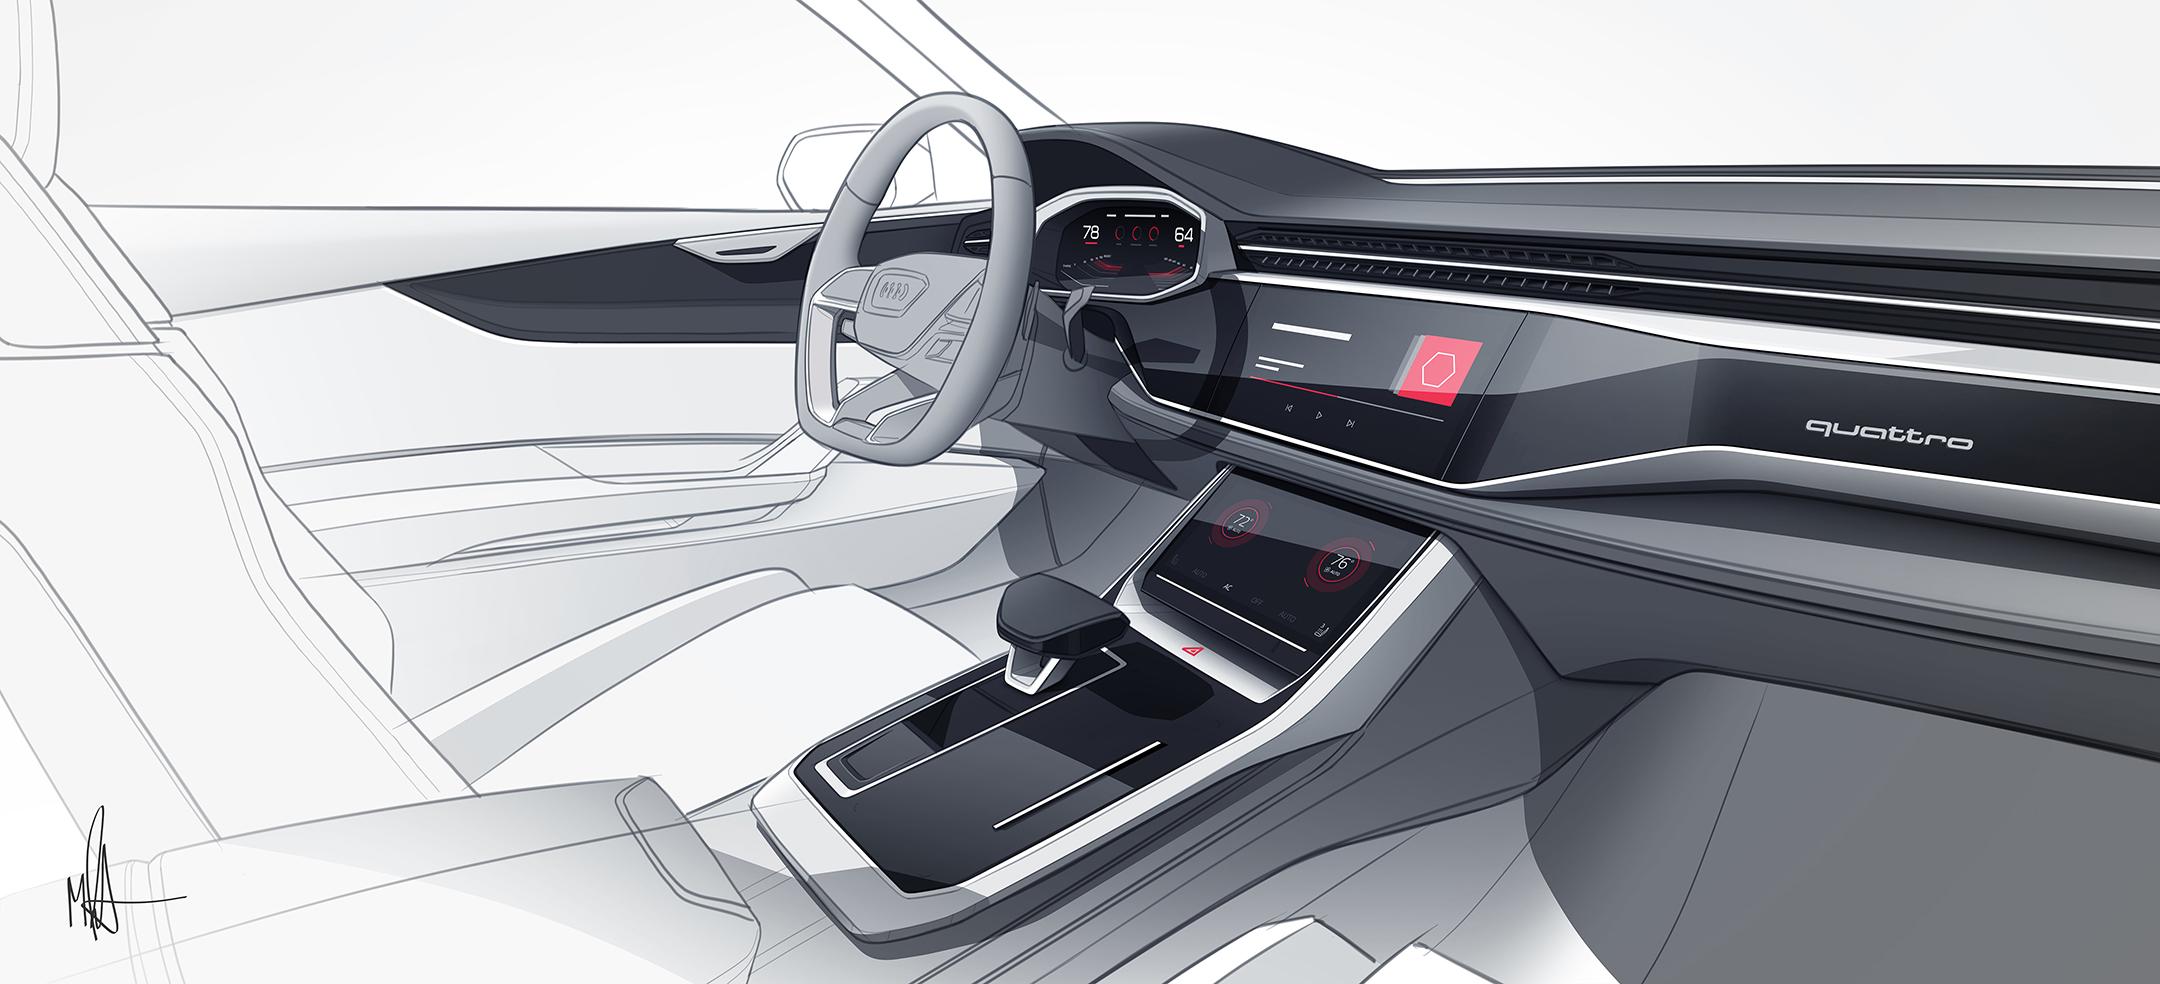 Audi Q8 concept - NAIAS 2017 - sketch interior / intérieur